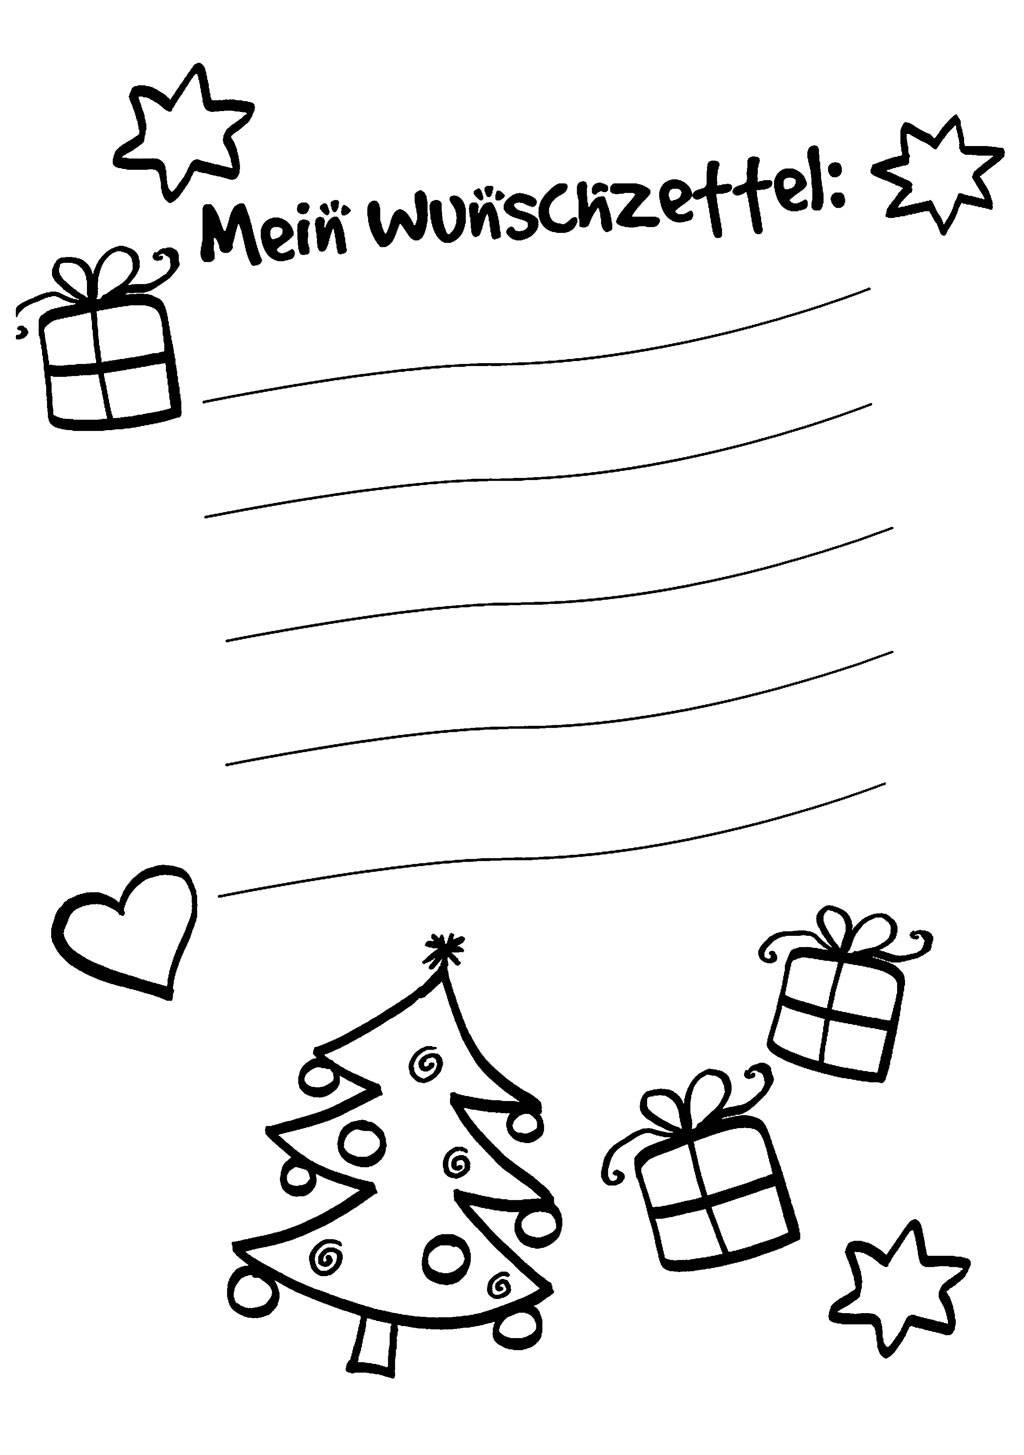 Ausmalbild Wunschzettel Für Weihnachten: Wunschzettel Zum innen Weihnachtswunschzettel Zum Ausdrucken